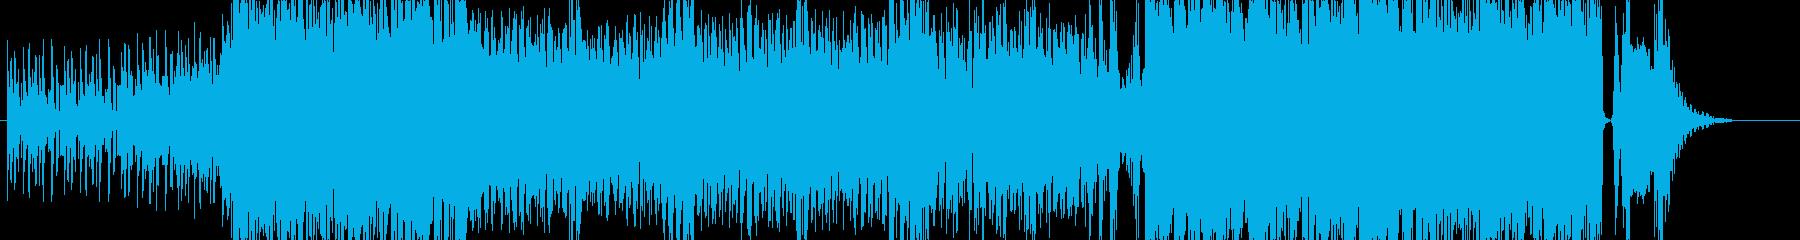 トランス要素を加えたエレクトロなロックの再生済みの波形